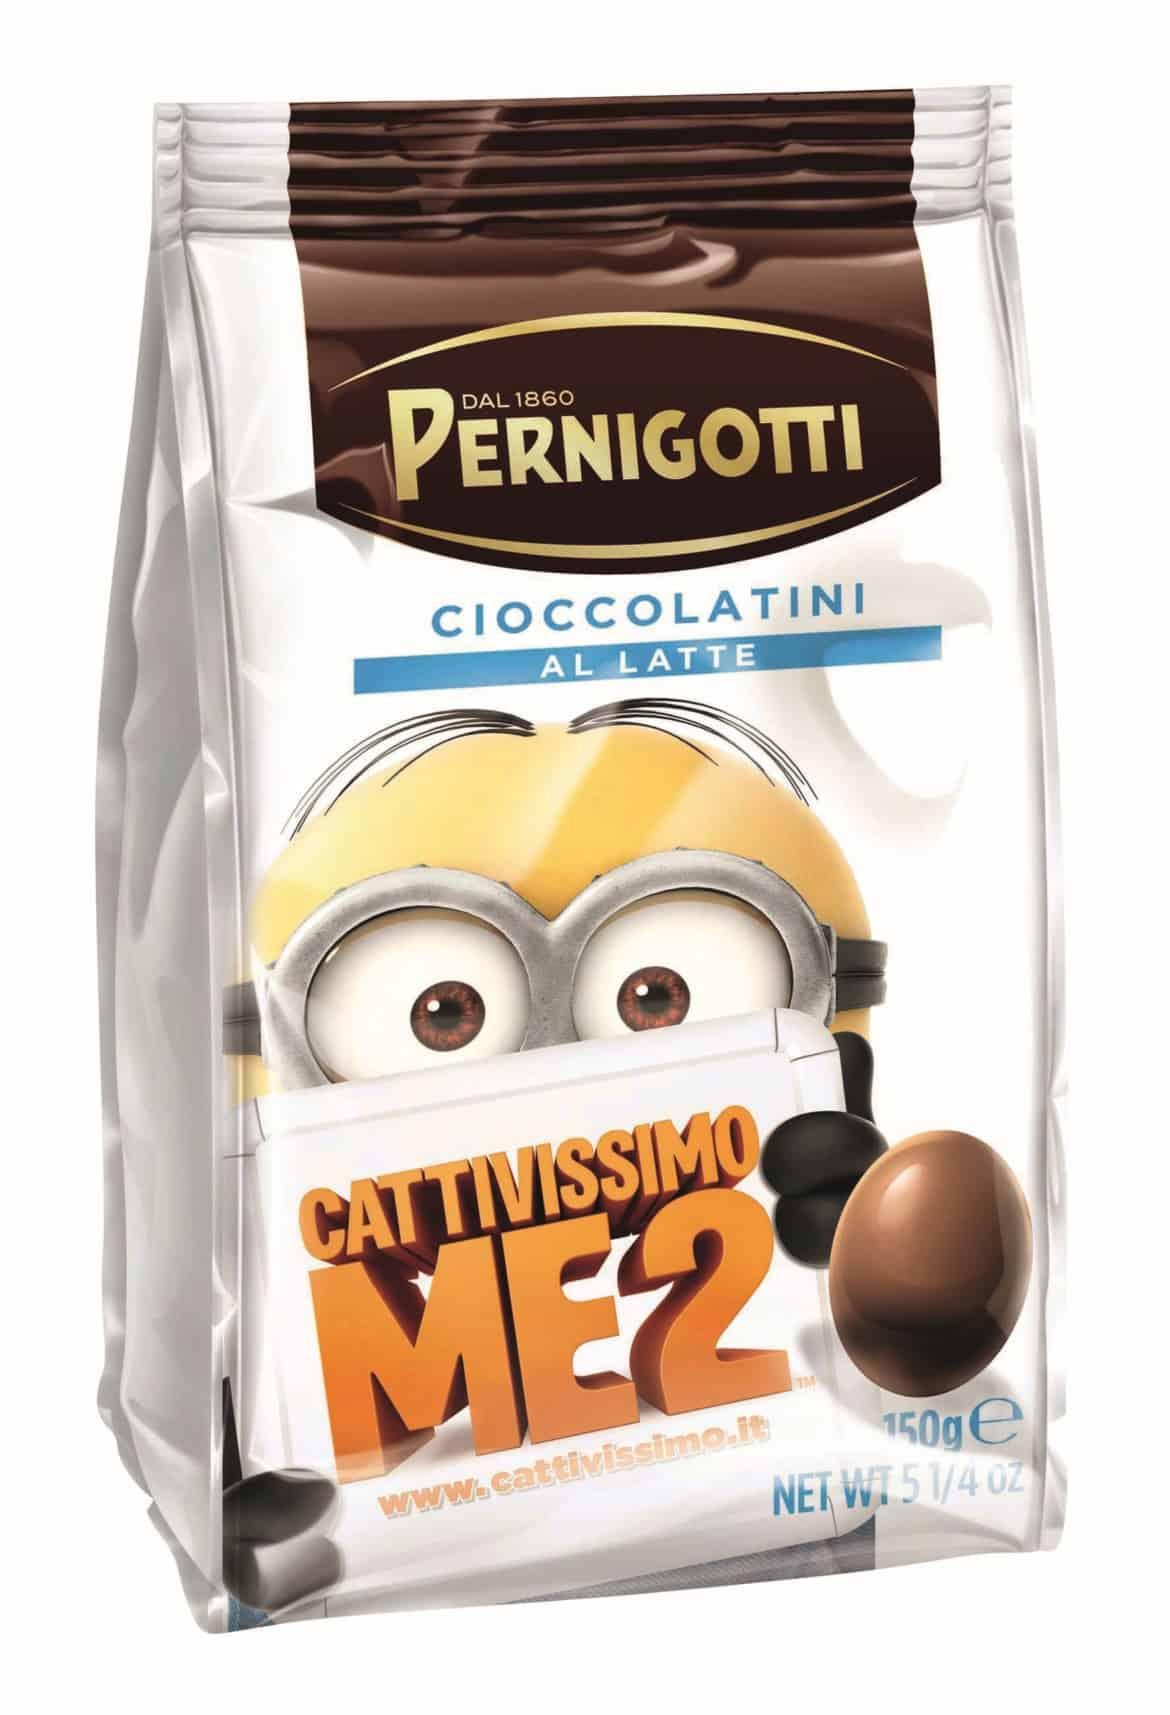 Cioccolatini al latte Pernigotti dedicati ai MINION di Cattivissimo me 2